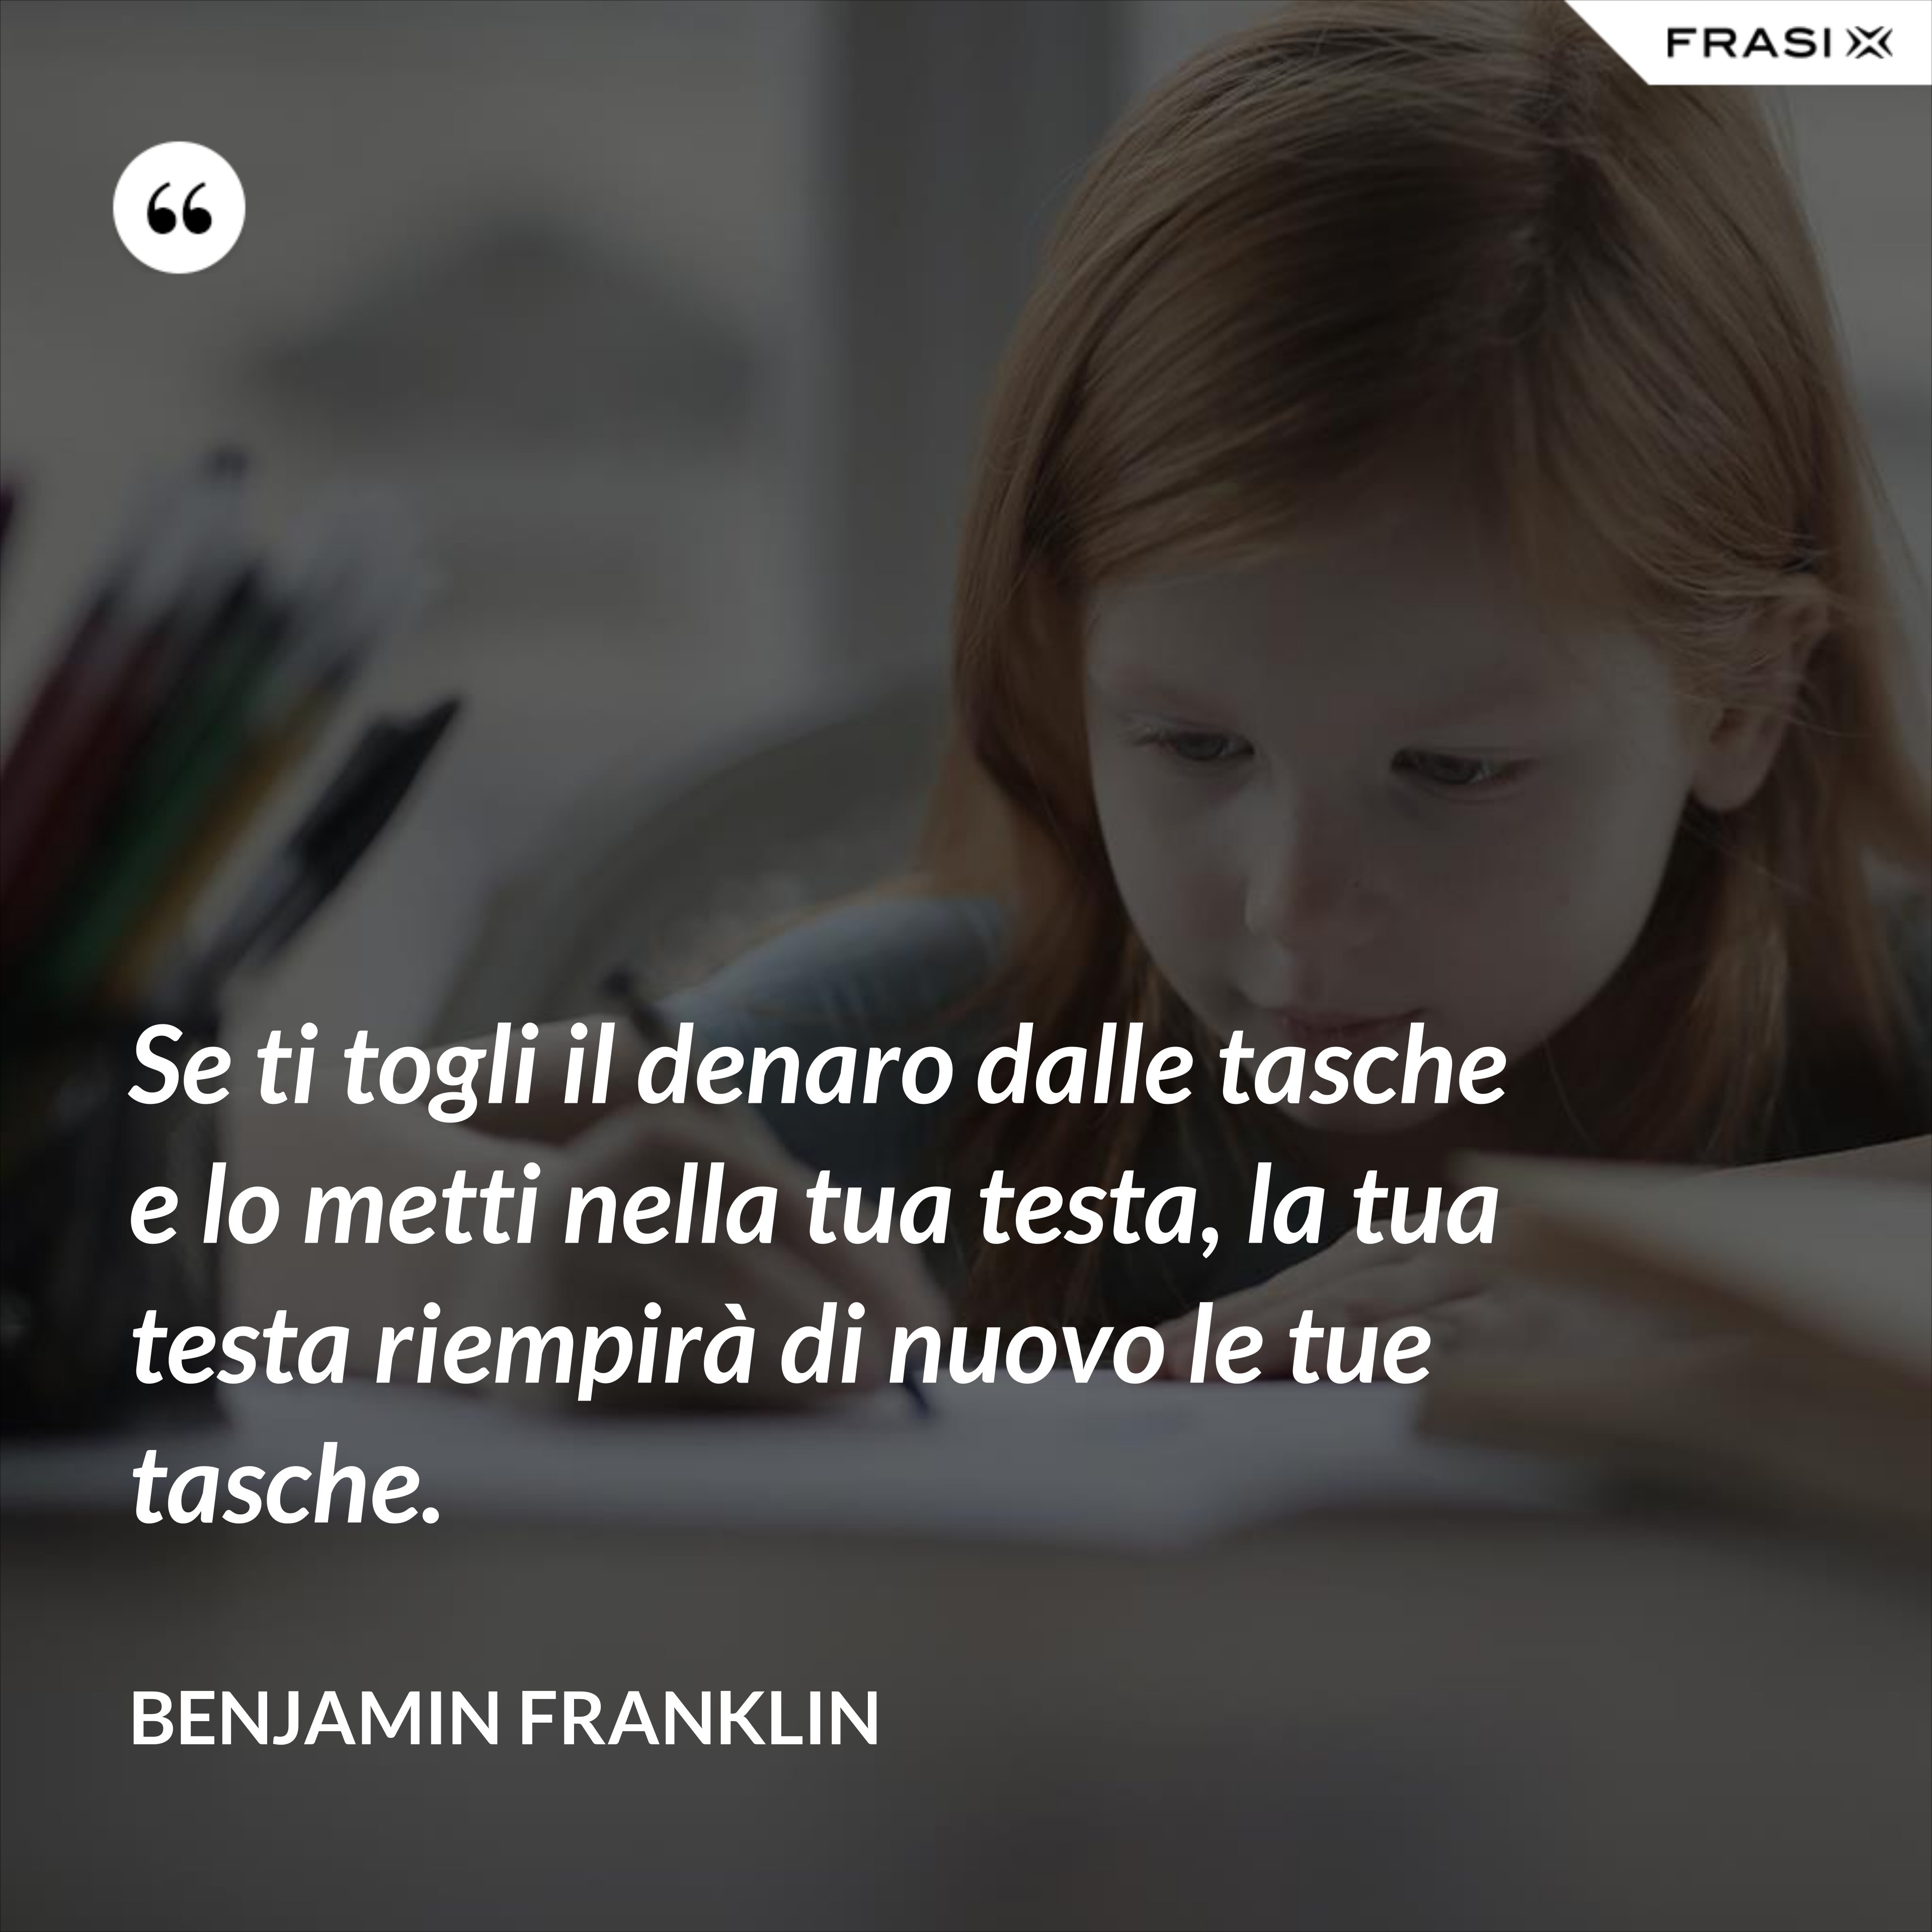 Se ti togli il denaro dalle tasche e lo metti nella tua testa, la tua testa riempirà di nuovo le tue tasche. - Benjamin Franklin